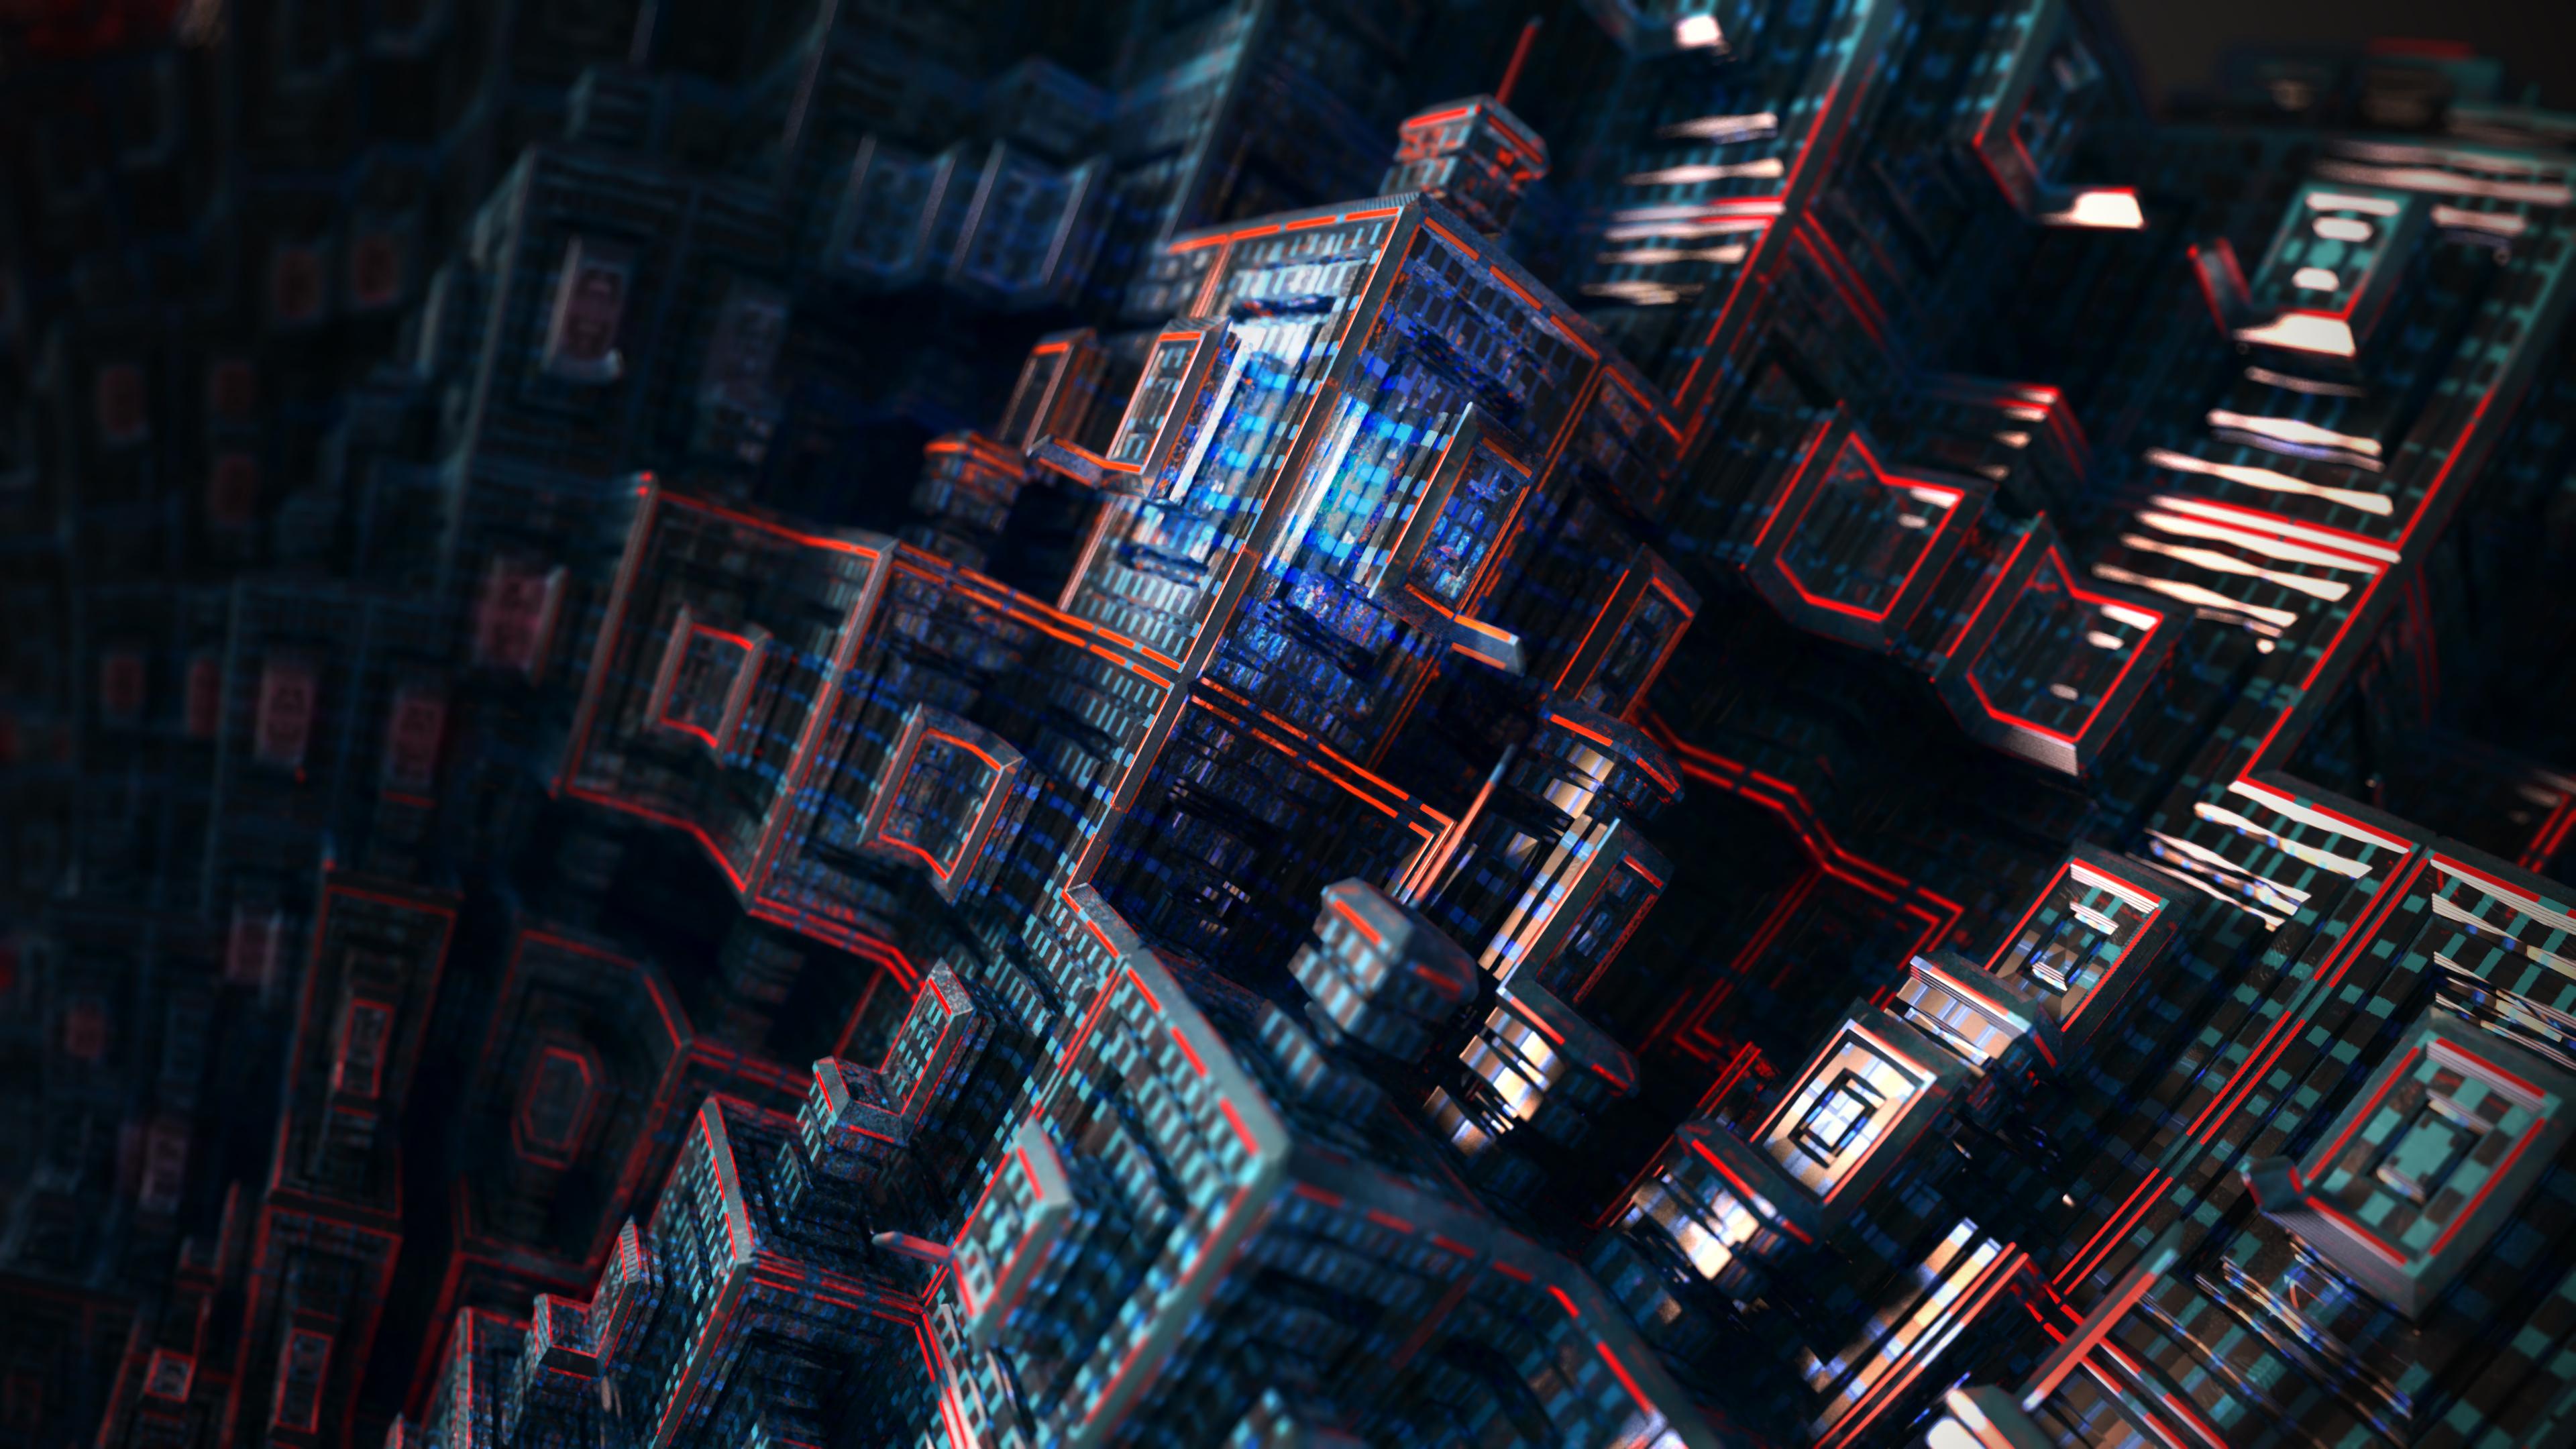 fractal buildings 4k 1555207887 - Fractal Buildings 4k - hd-wallpapers, fractal wallpapers, deviantart wallpapers, abstract wallpapers, 4k-wallpapers